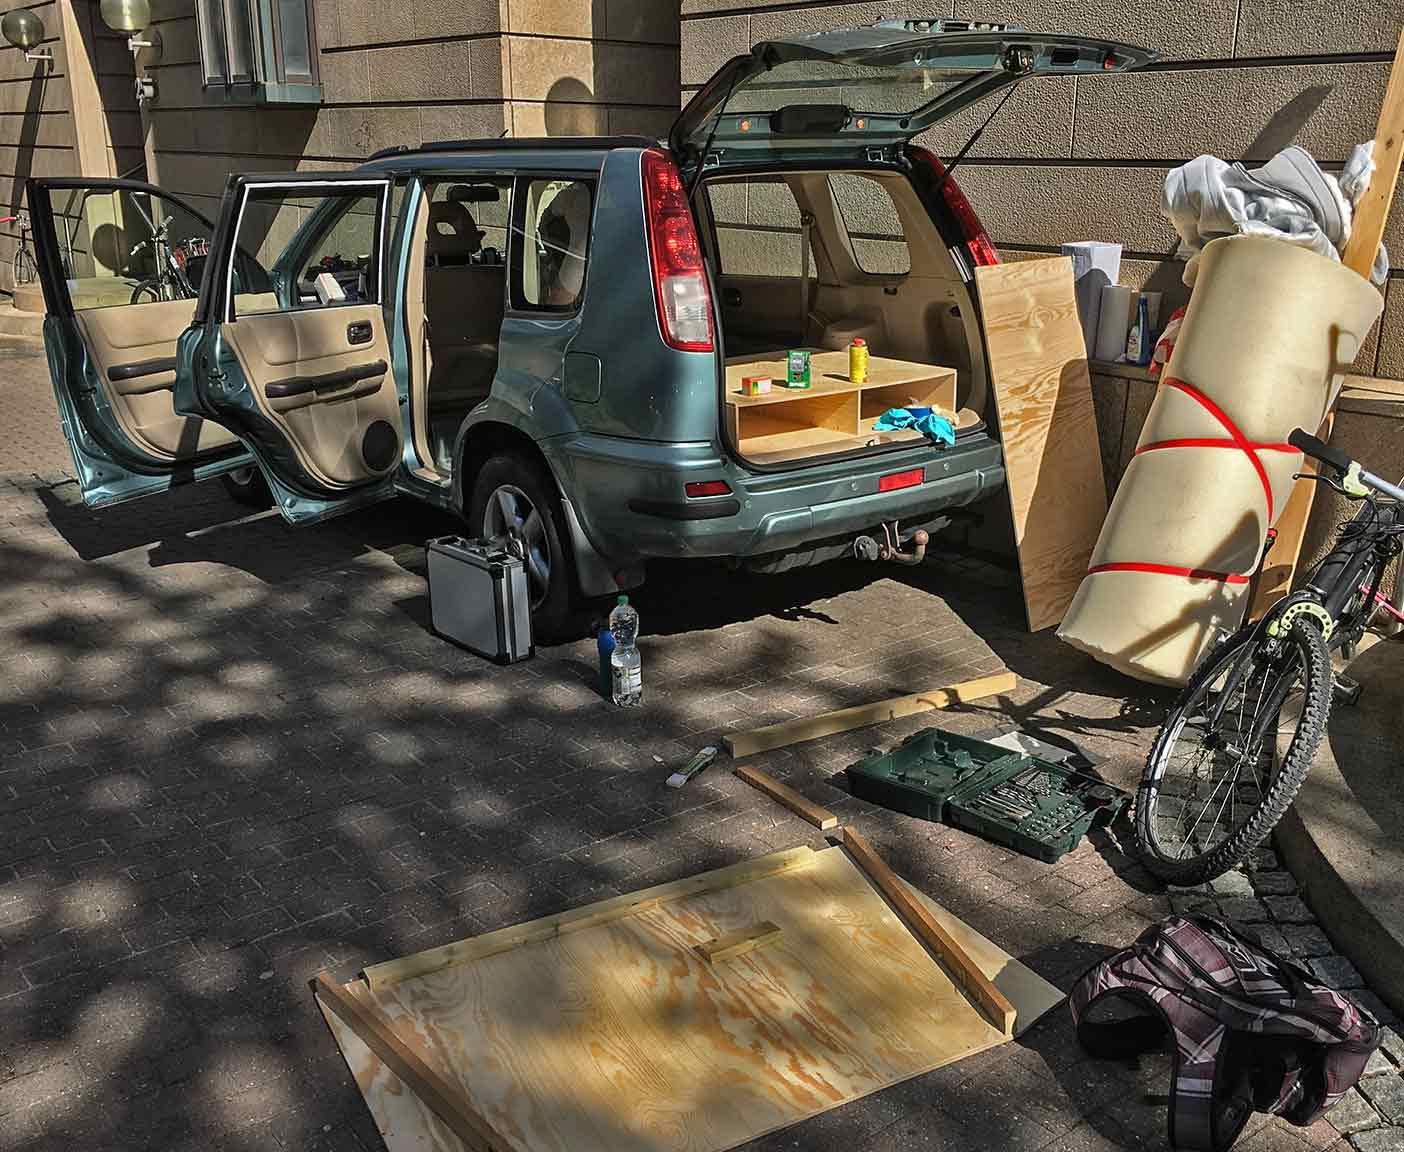 guenstige-expeditionsfahrzeuge-mobilw-offroad-gelaendegaenig-wohnmobil-nissan-xtrail-4x4-allrad-gebraucht-8